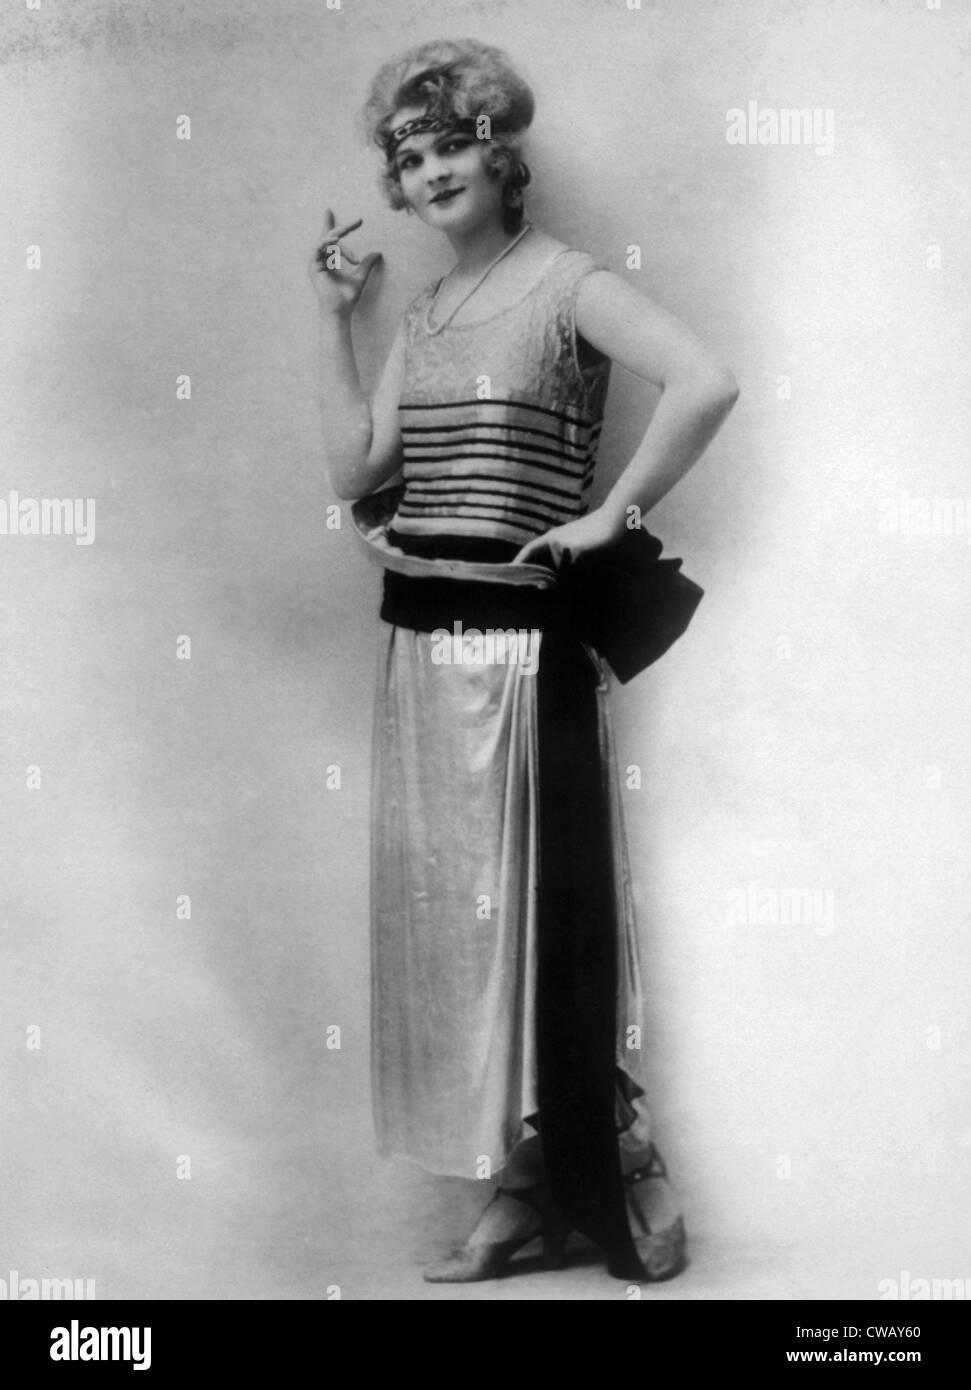 Abito da sera argenteo di lana parigino di velluto nero cintura, circa 1923. Foto: courtesy Everett Collection Immagini Stock